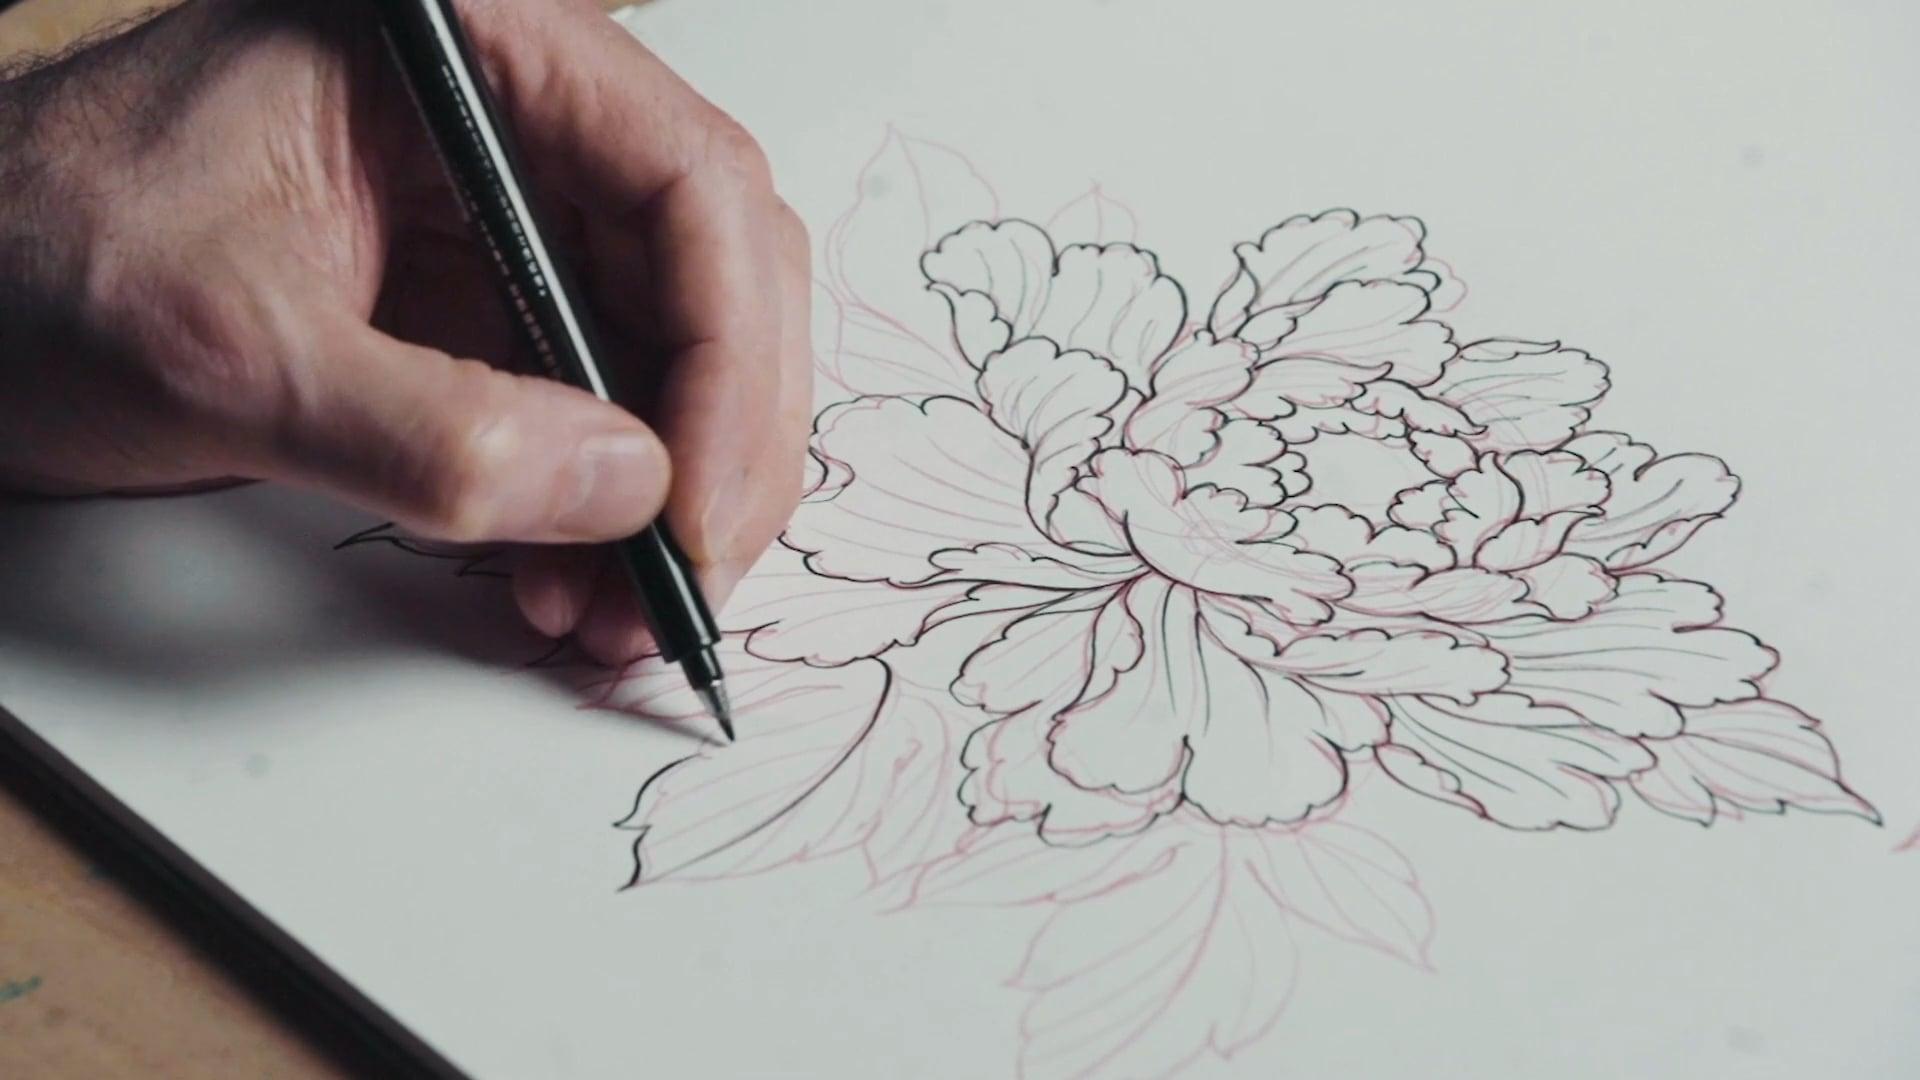 Chris Garver: King Of Flowers